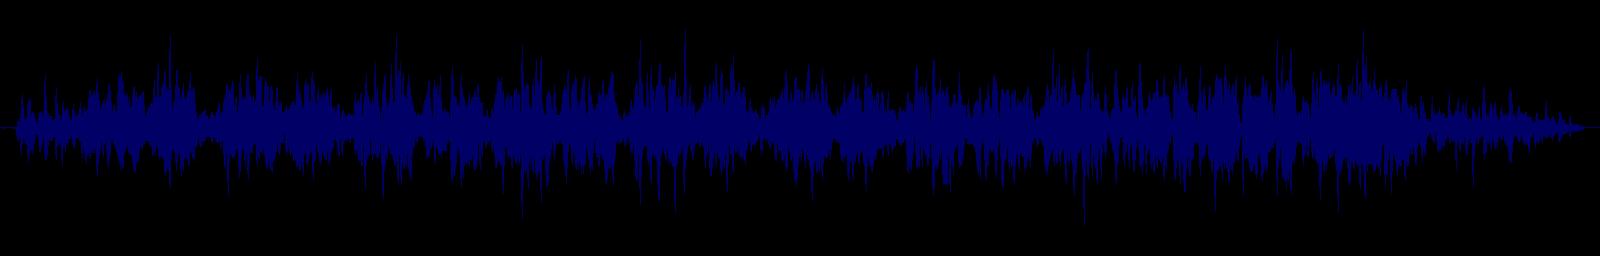 waveform of track #127884